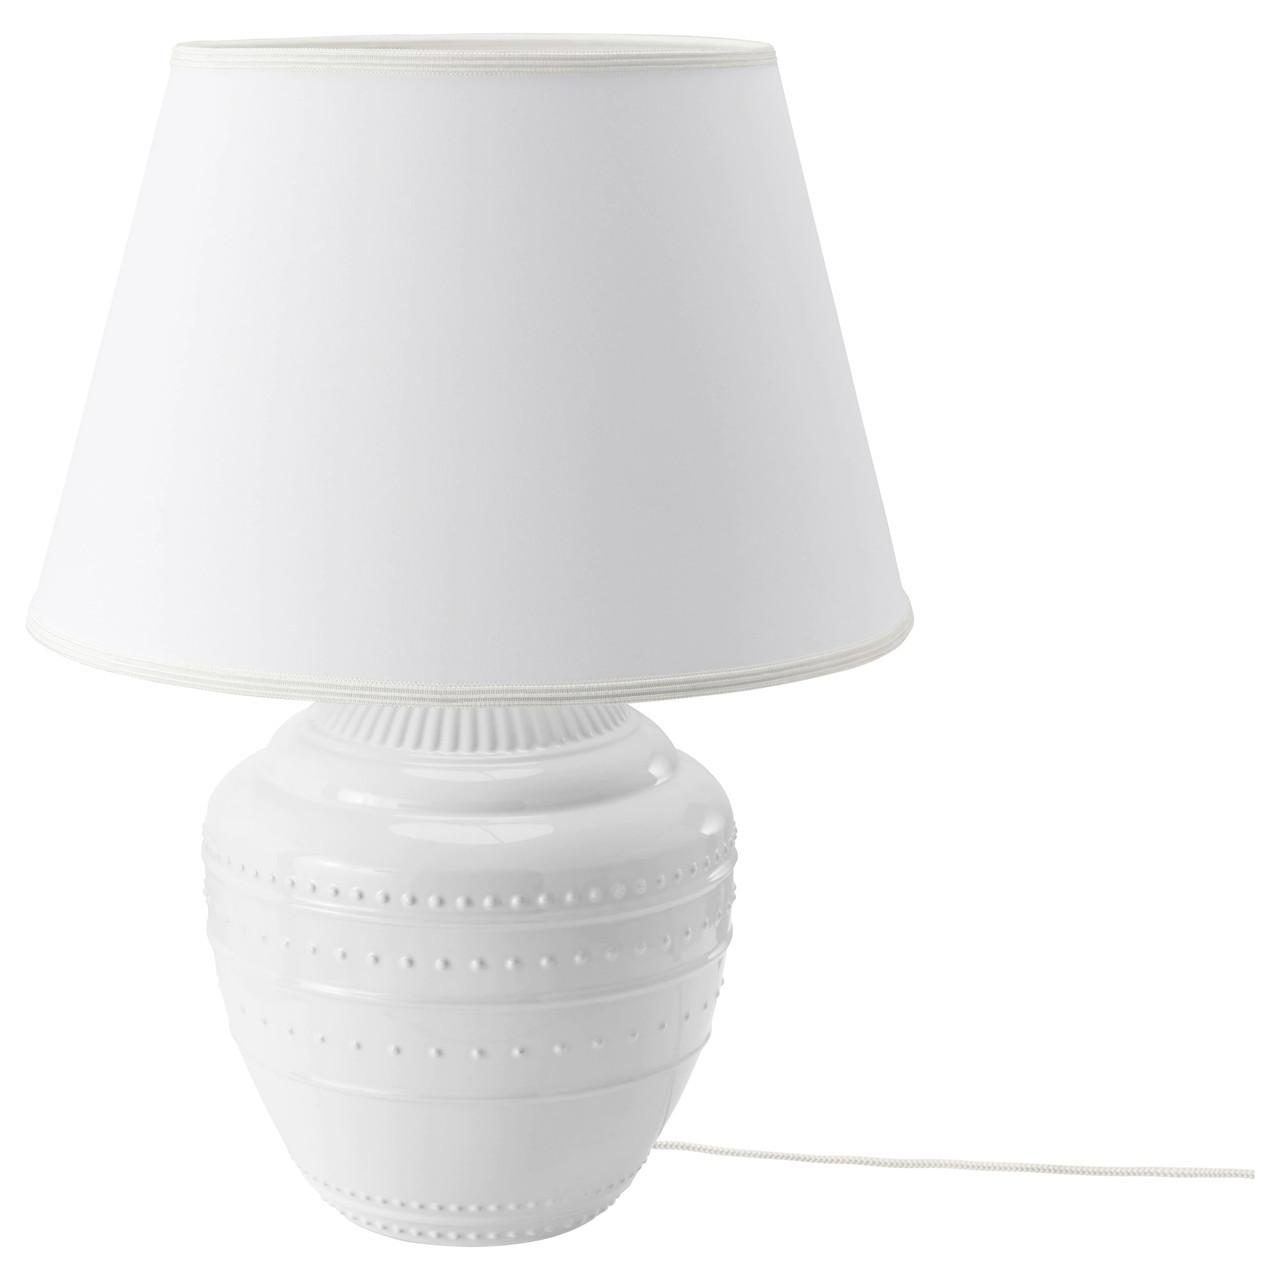 Настольный светильник RICKARUM 58 см